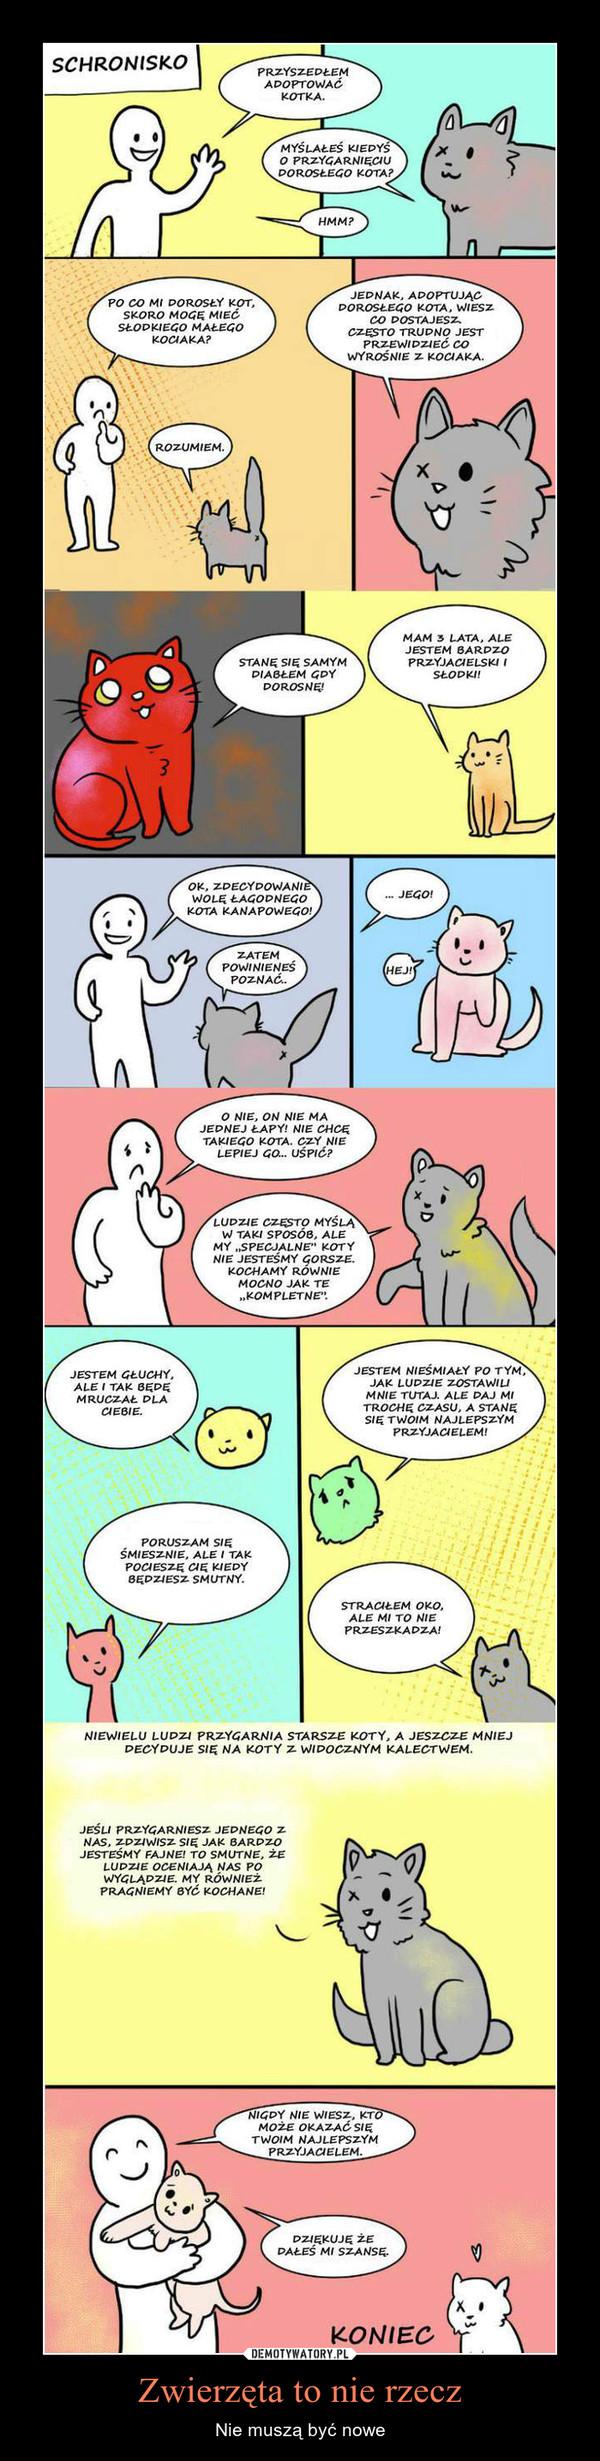 Zwierzęta to nie rzecz – Nie muszą być nowe